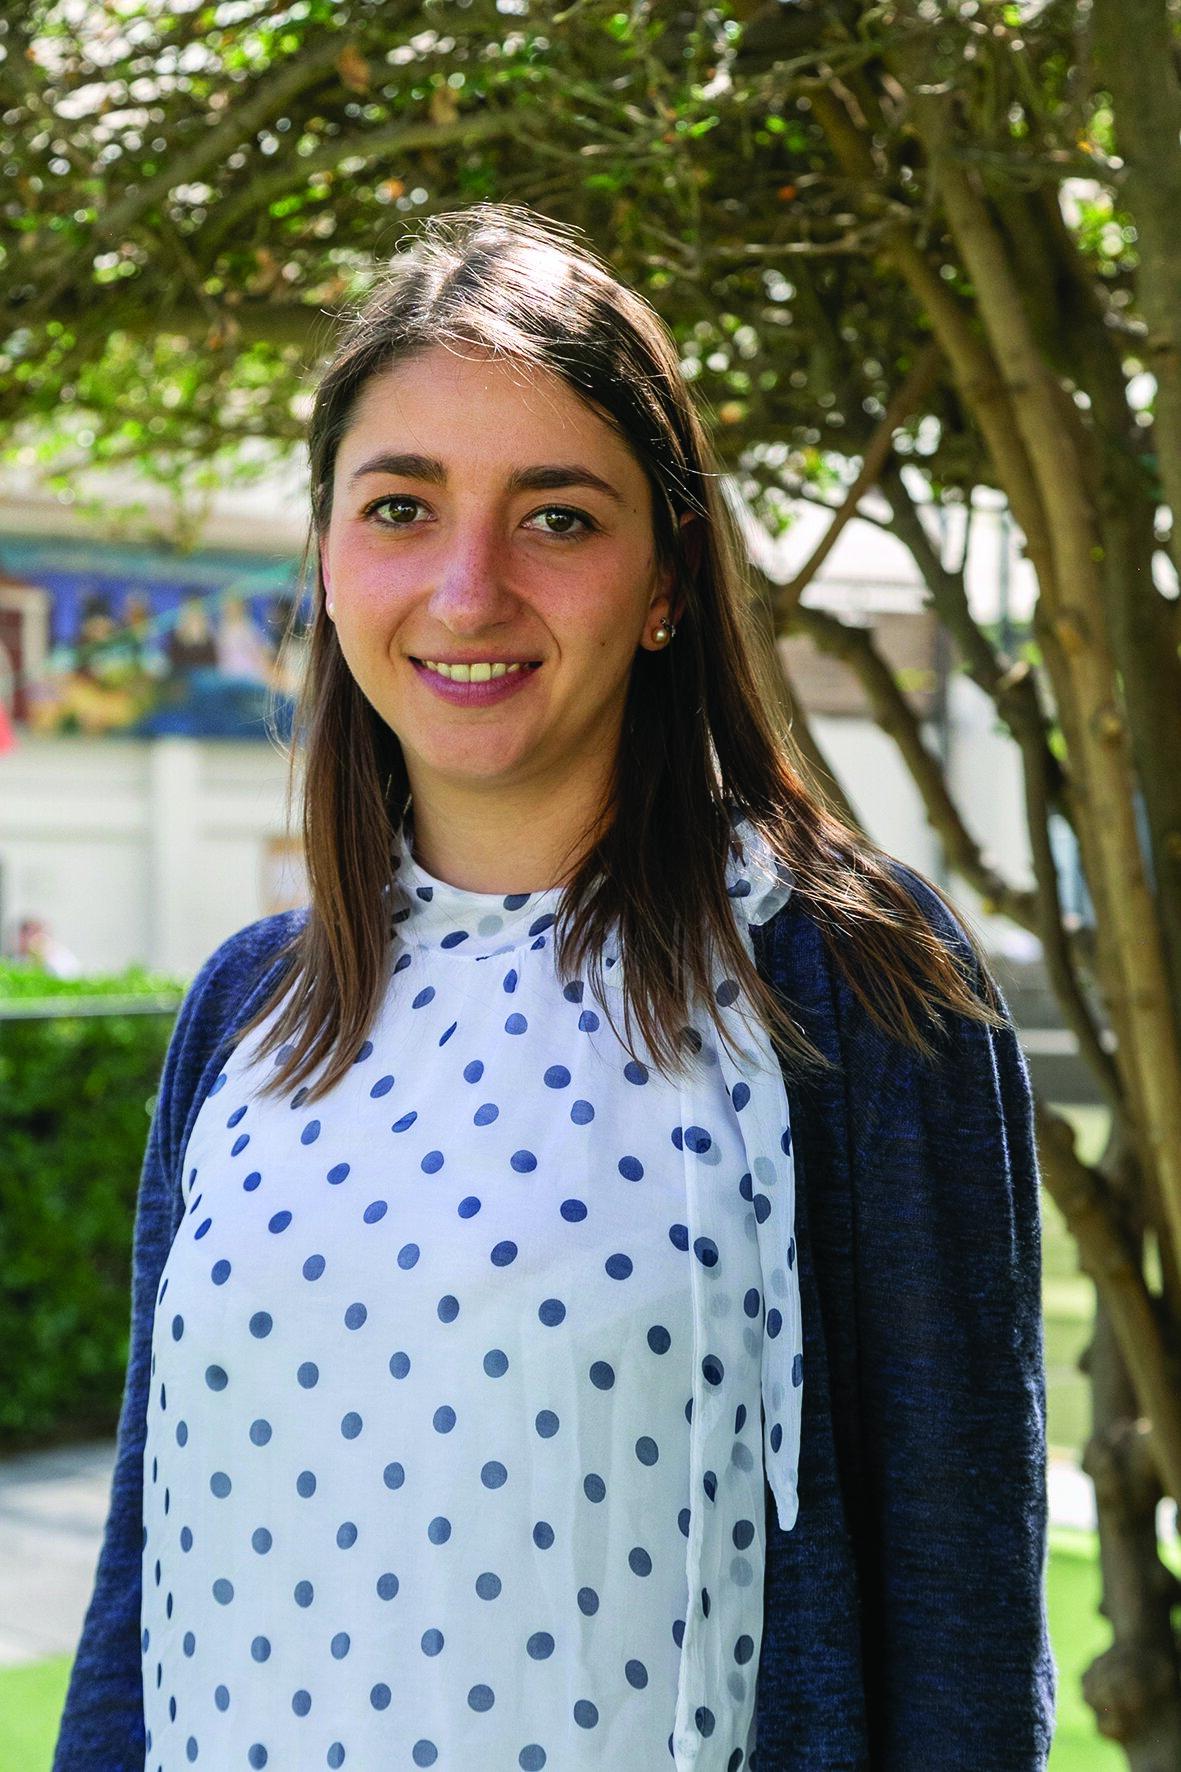 Verónica Quintana